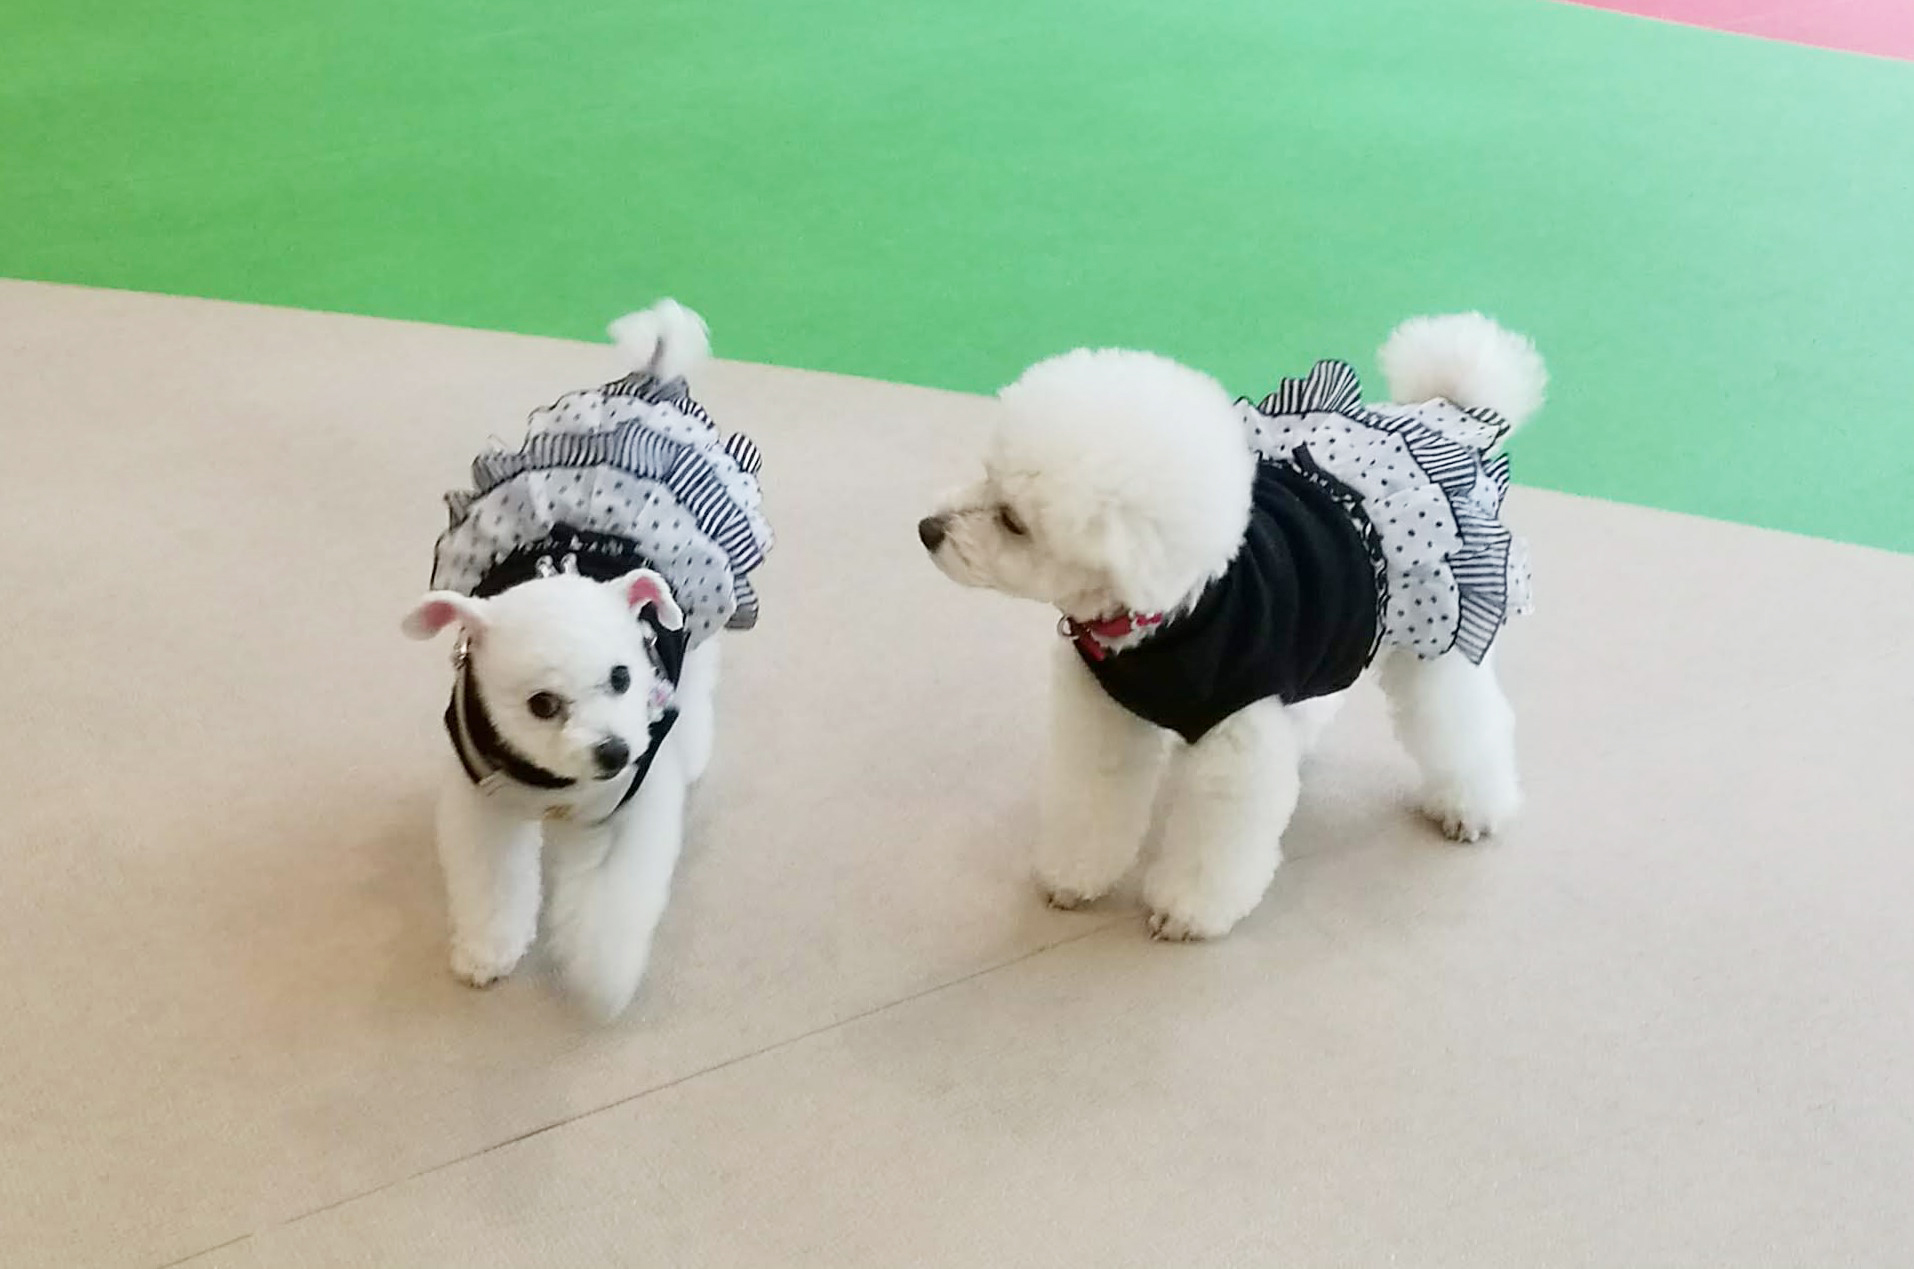 【満枠のため予約受付終了】9月26日(日)第15回WANオフ会開催!《犬のプーさん会》プードルちゃん&プードルMIXちゃん集まれー!